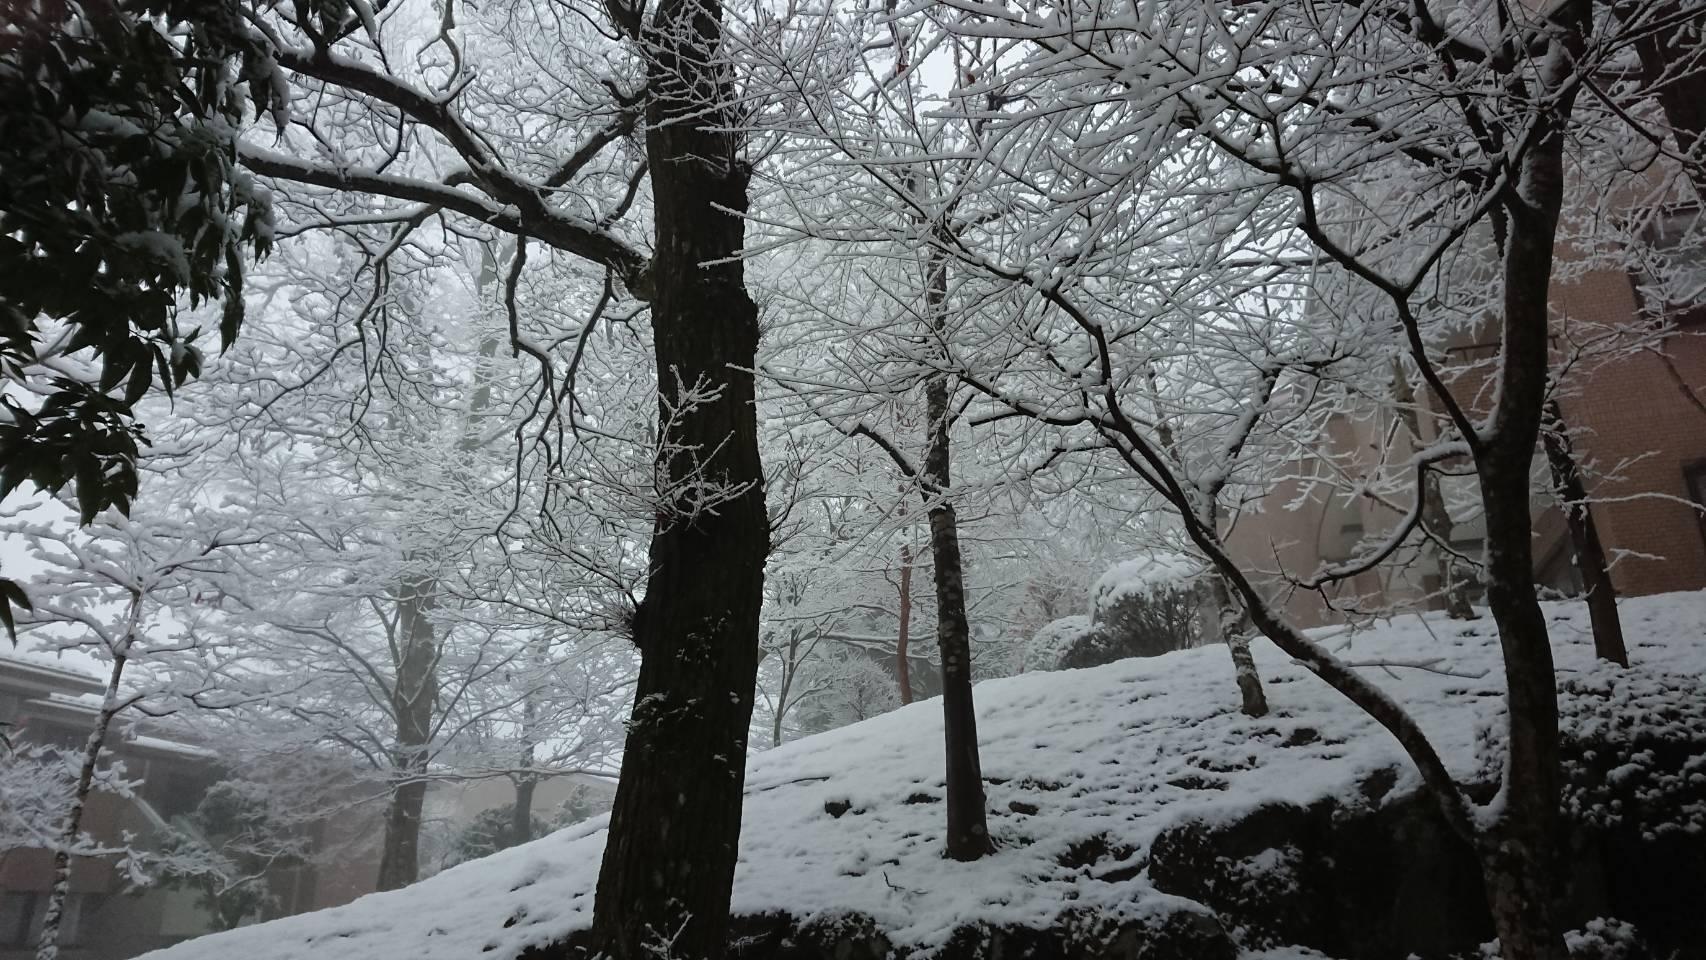 箱根は雪景色、好きです山田パンダ。_b0096957_16161973.jpg